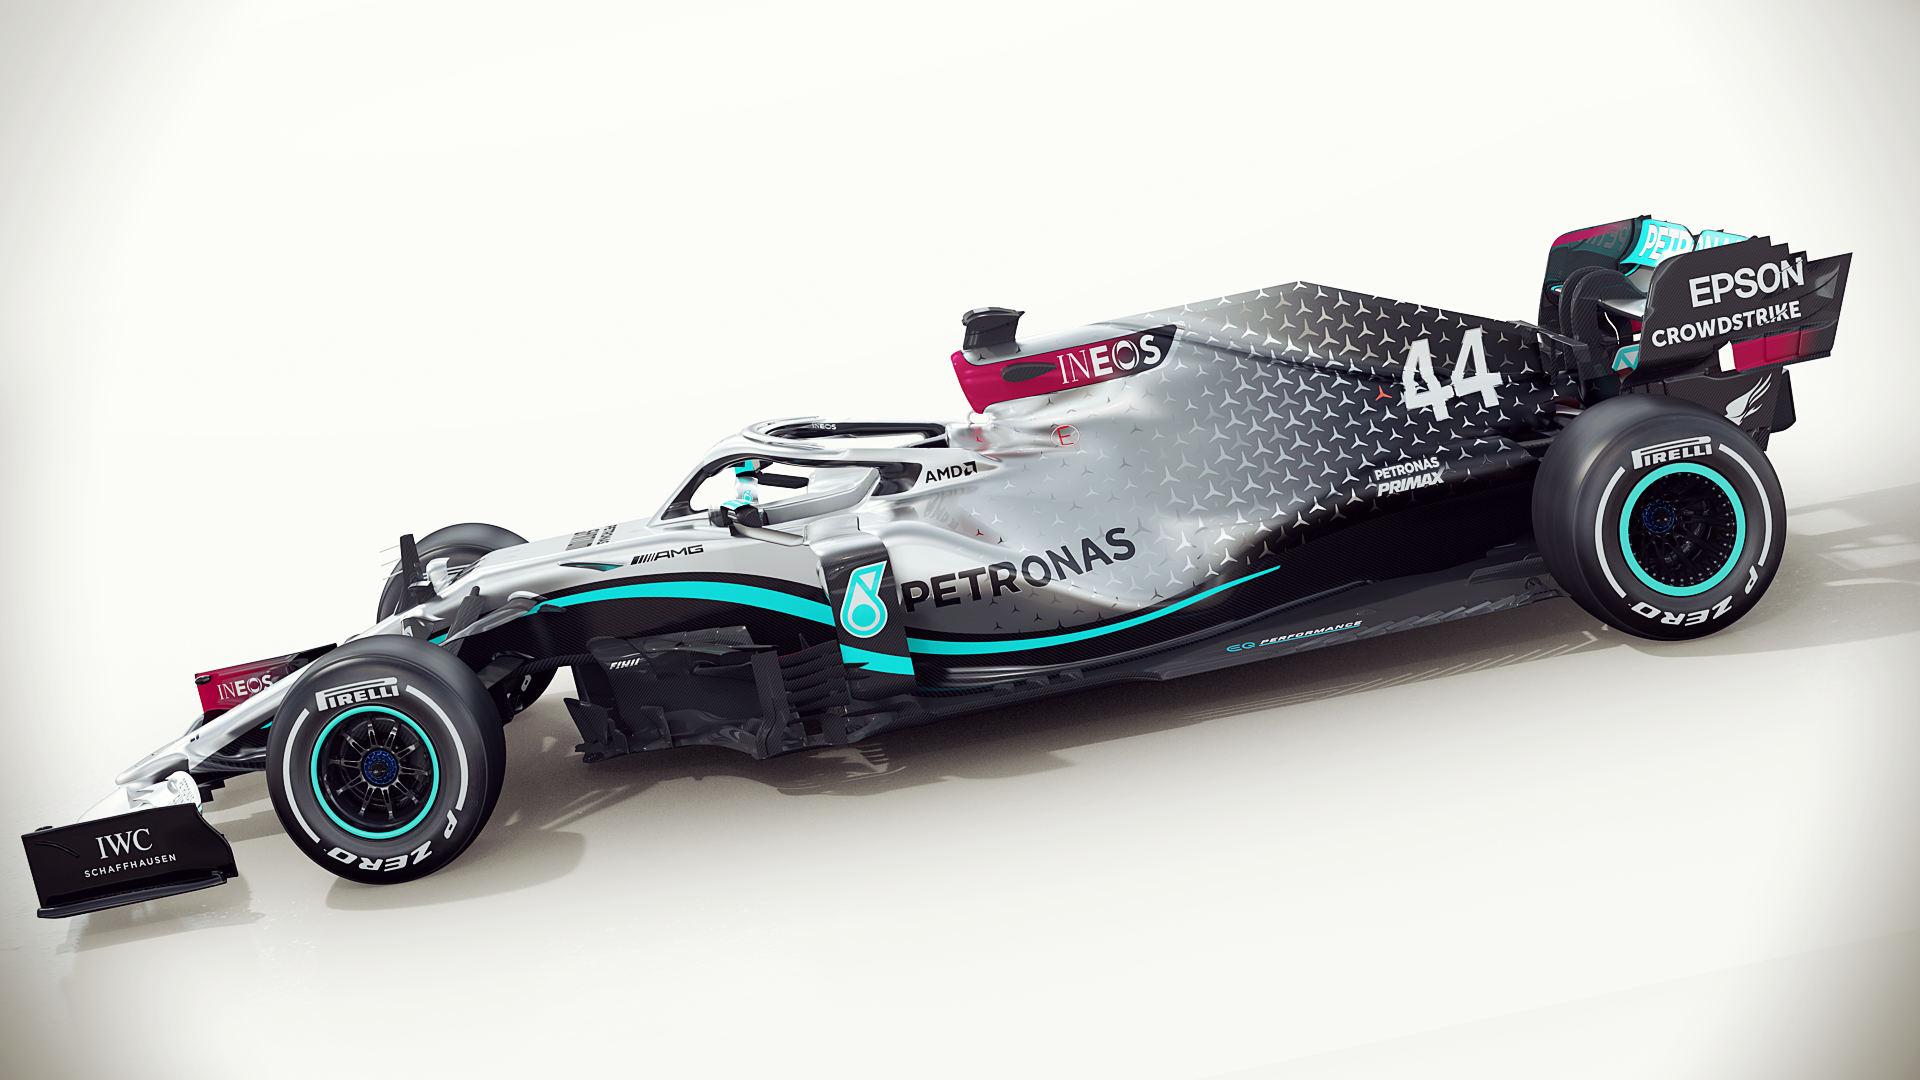 Mercedes F1 W11 2020 Car Wallpaper